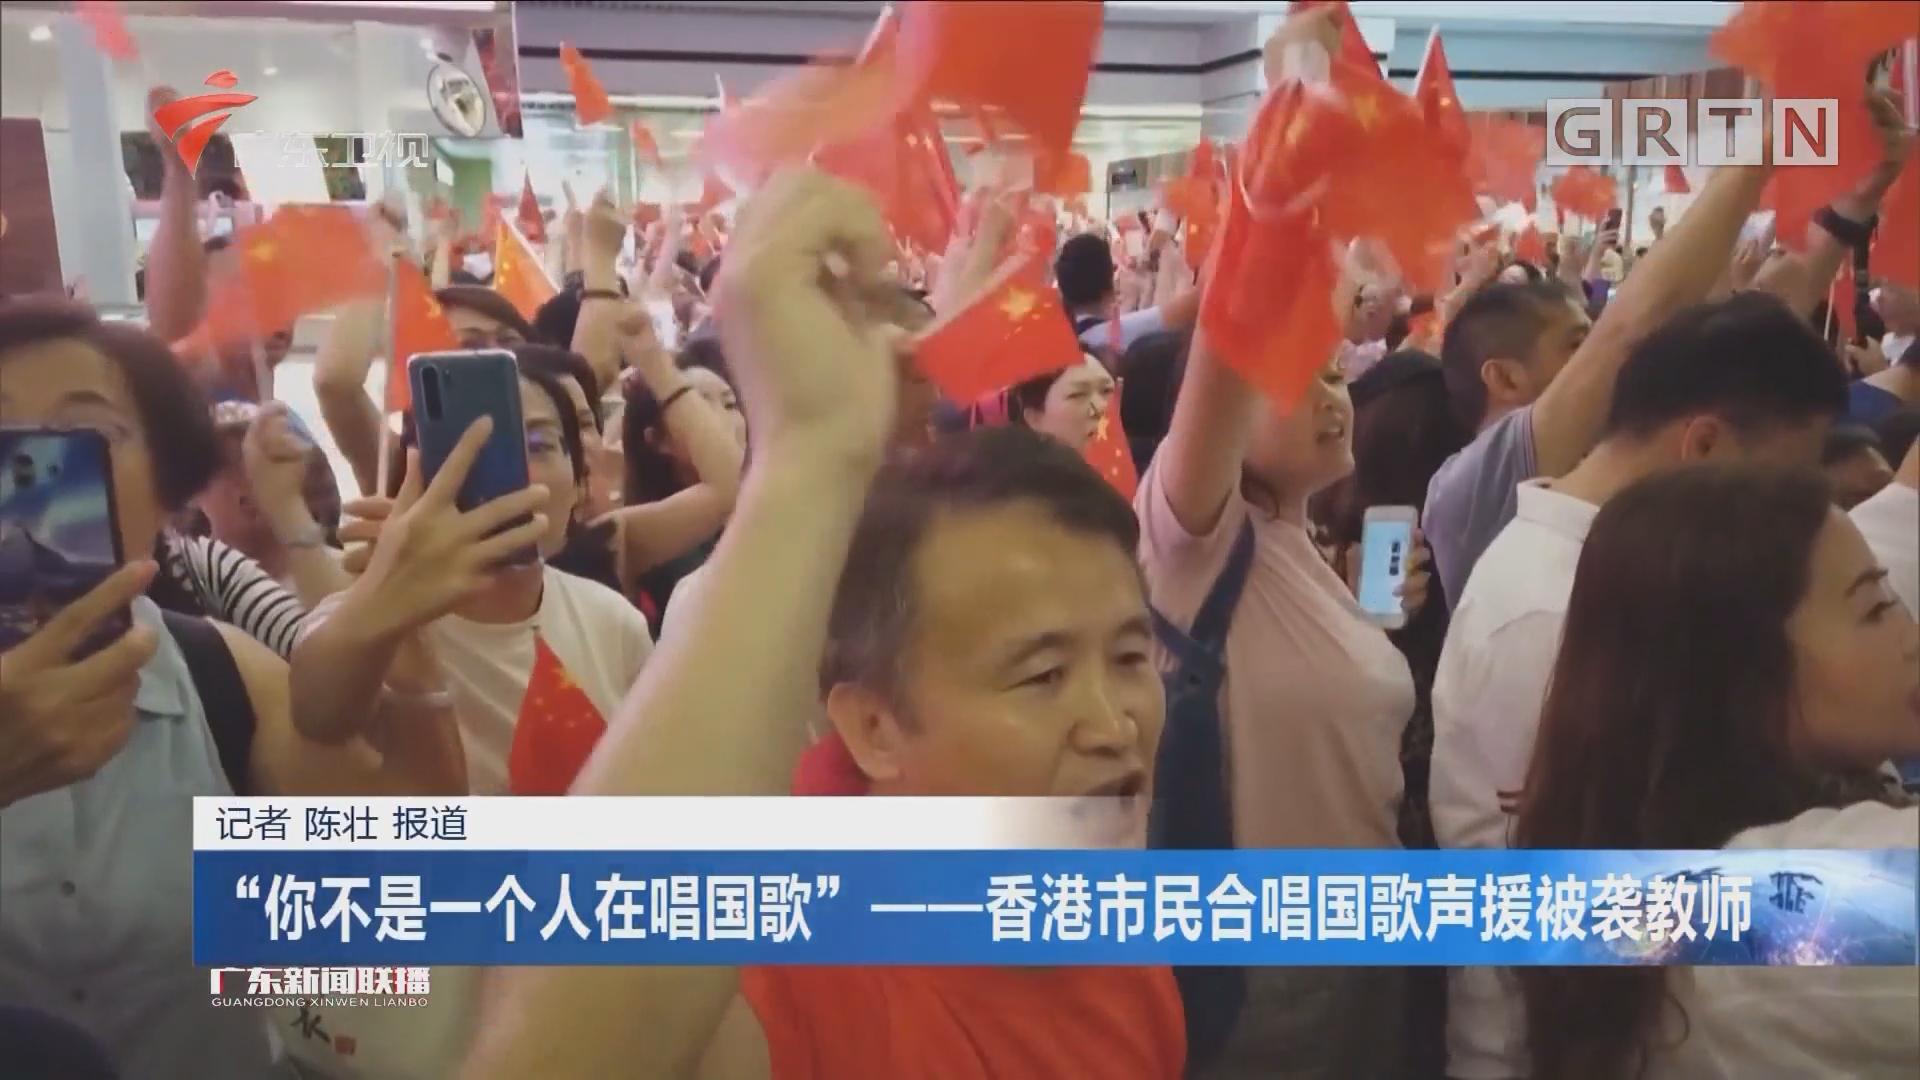 """""""你不是一个人在唱国歌""""——香港市民合唱国歌声援被袭教师"""